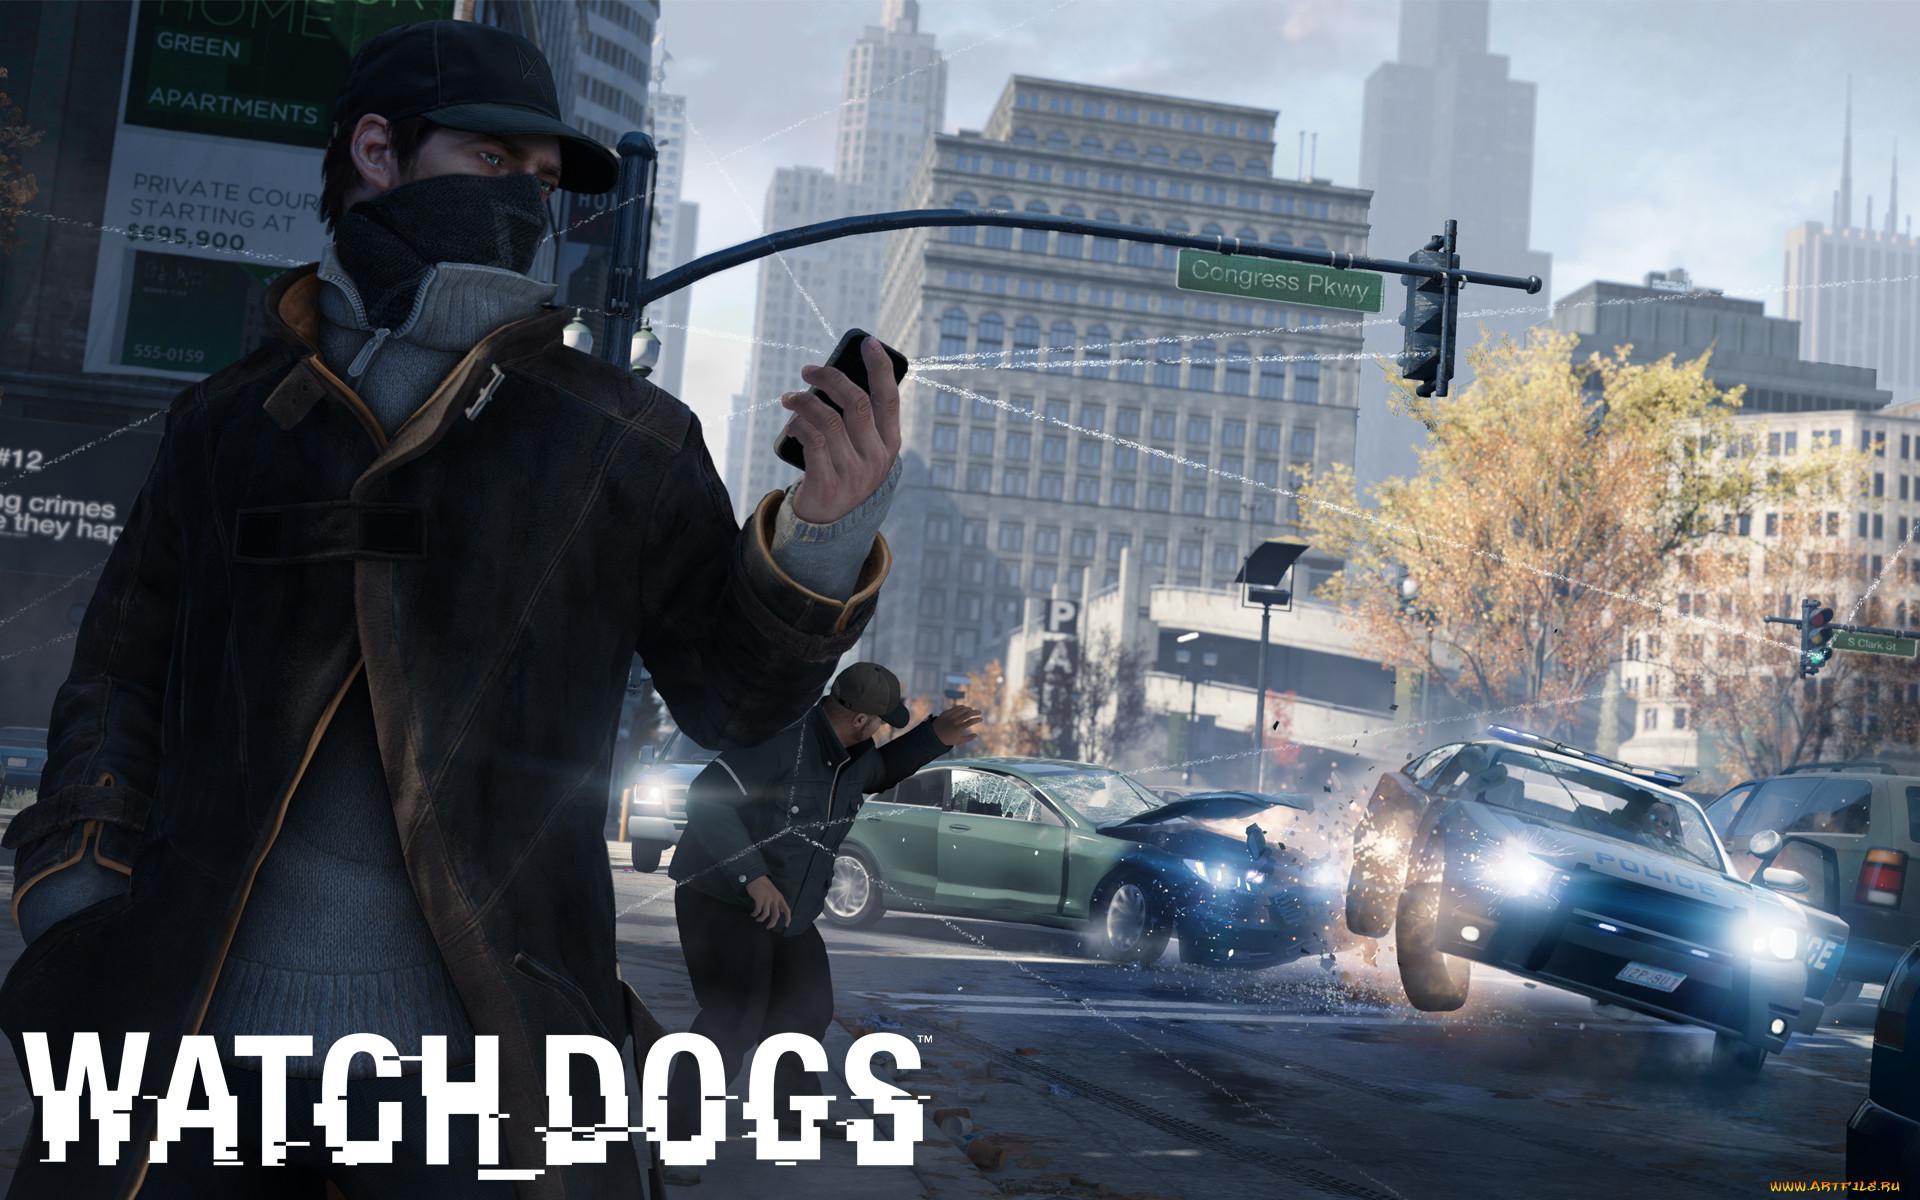 картинка watch dogs для телефона